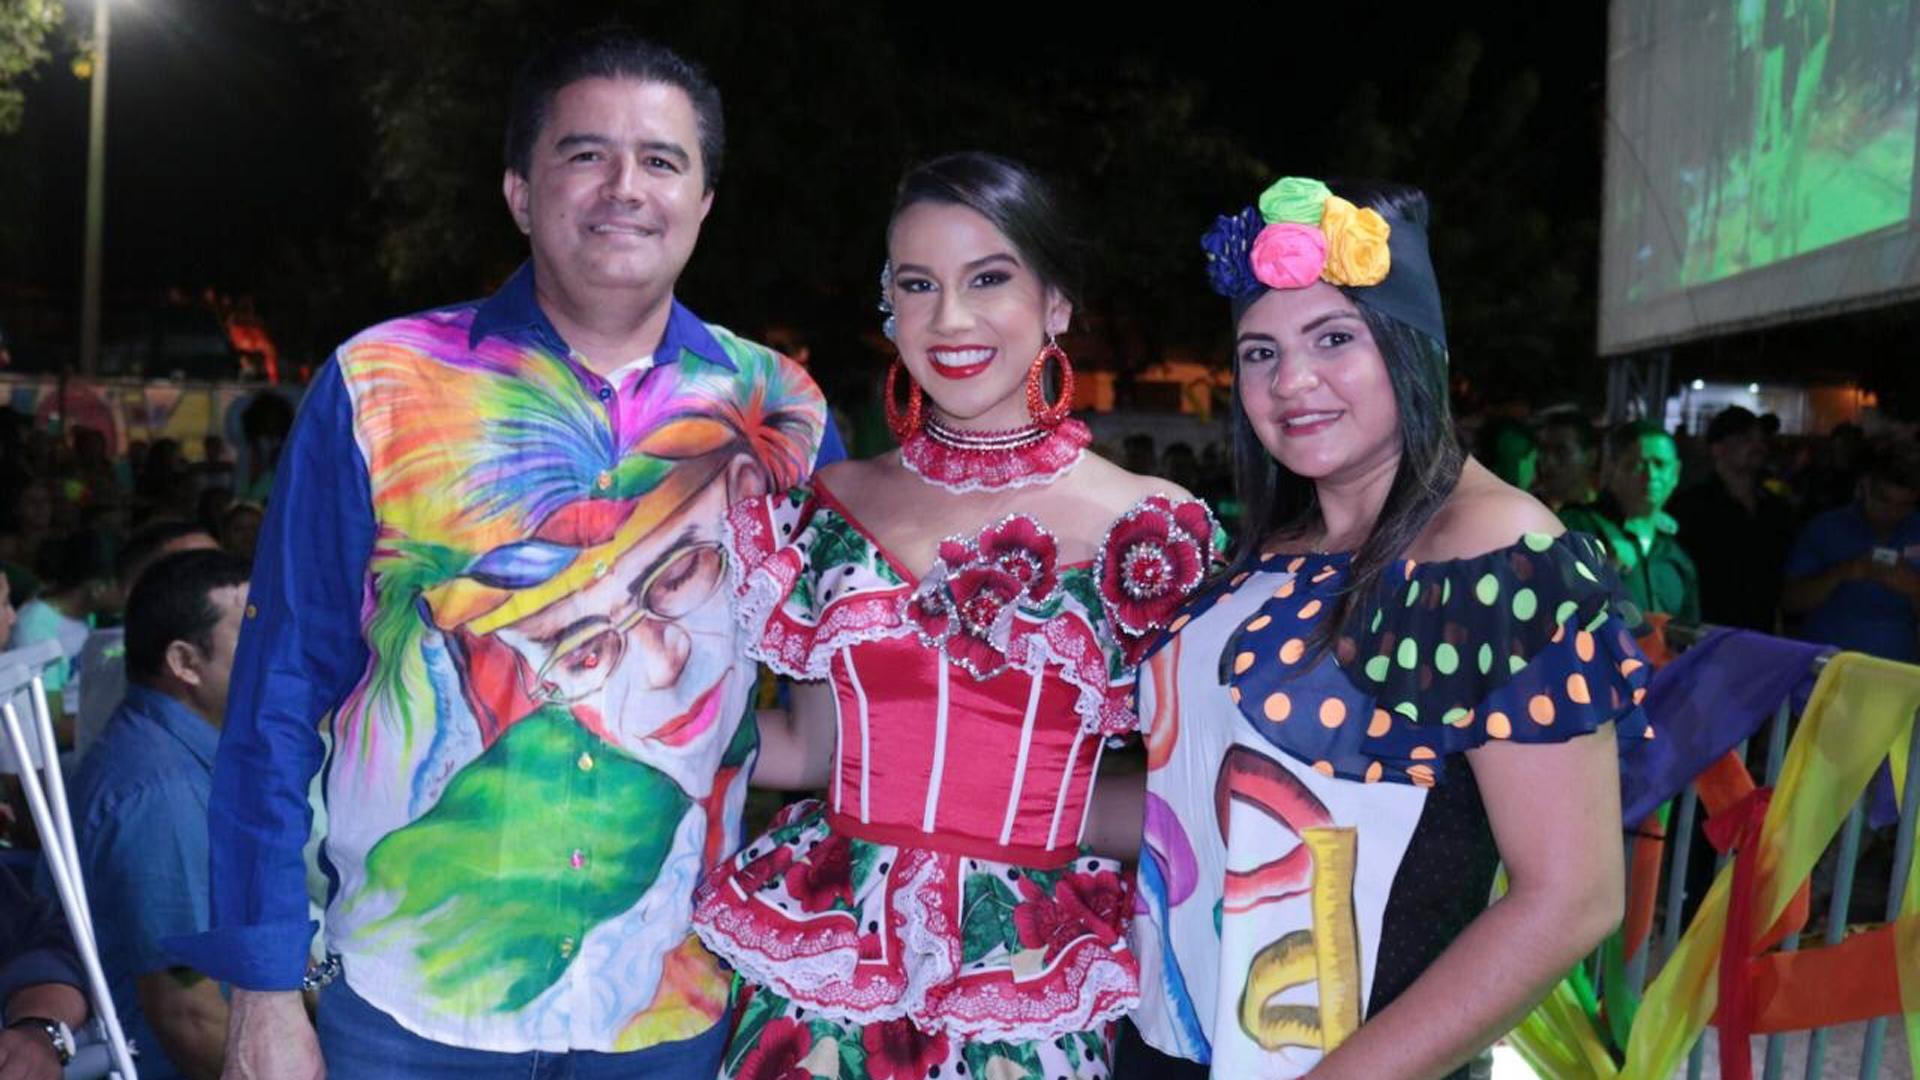 La reina Milena Vidal Donado, acompañada por el alcalde de Soledad, Rodolfo Ucrós.